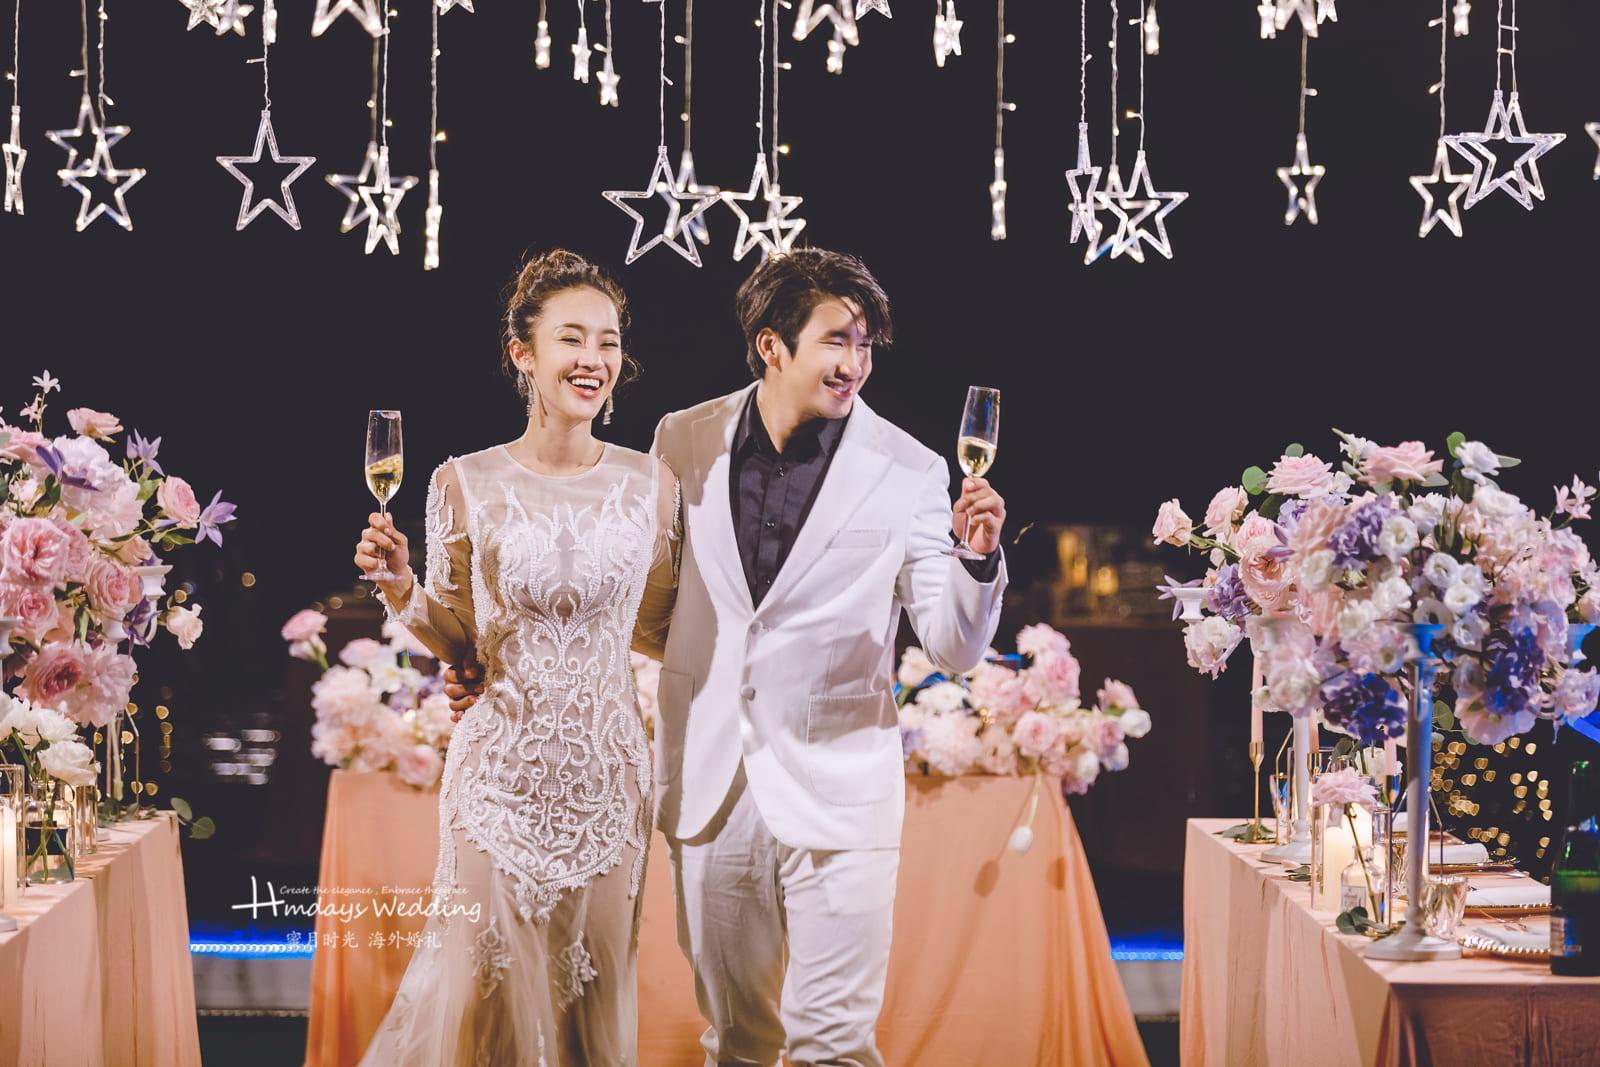 普吉岛天空之城婚礼场地样张参考 普吉岛天空之城婚礼